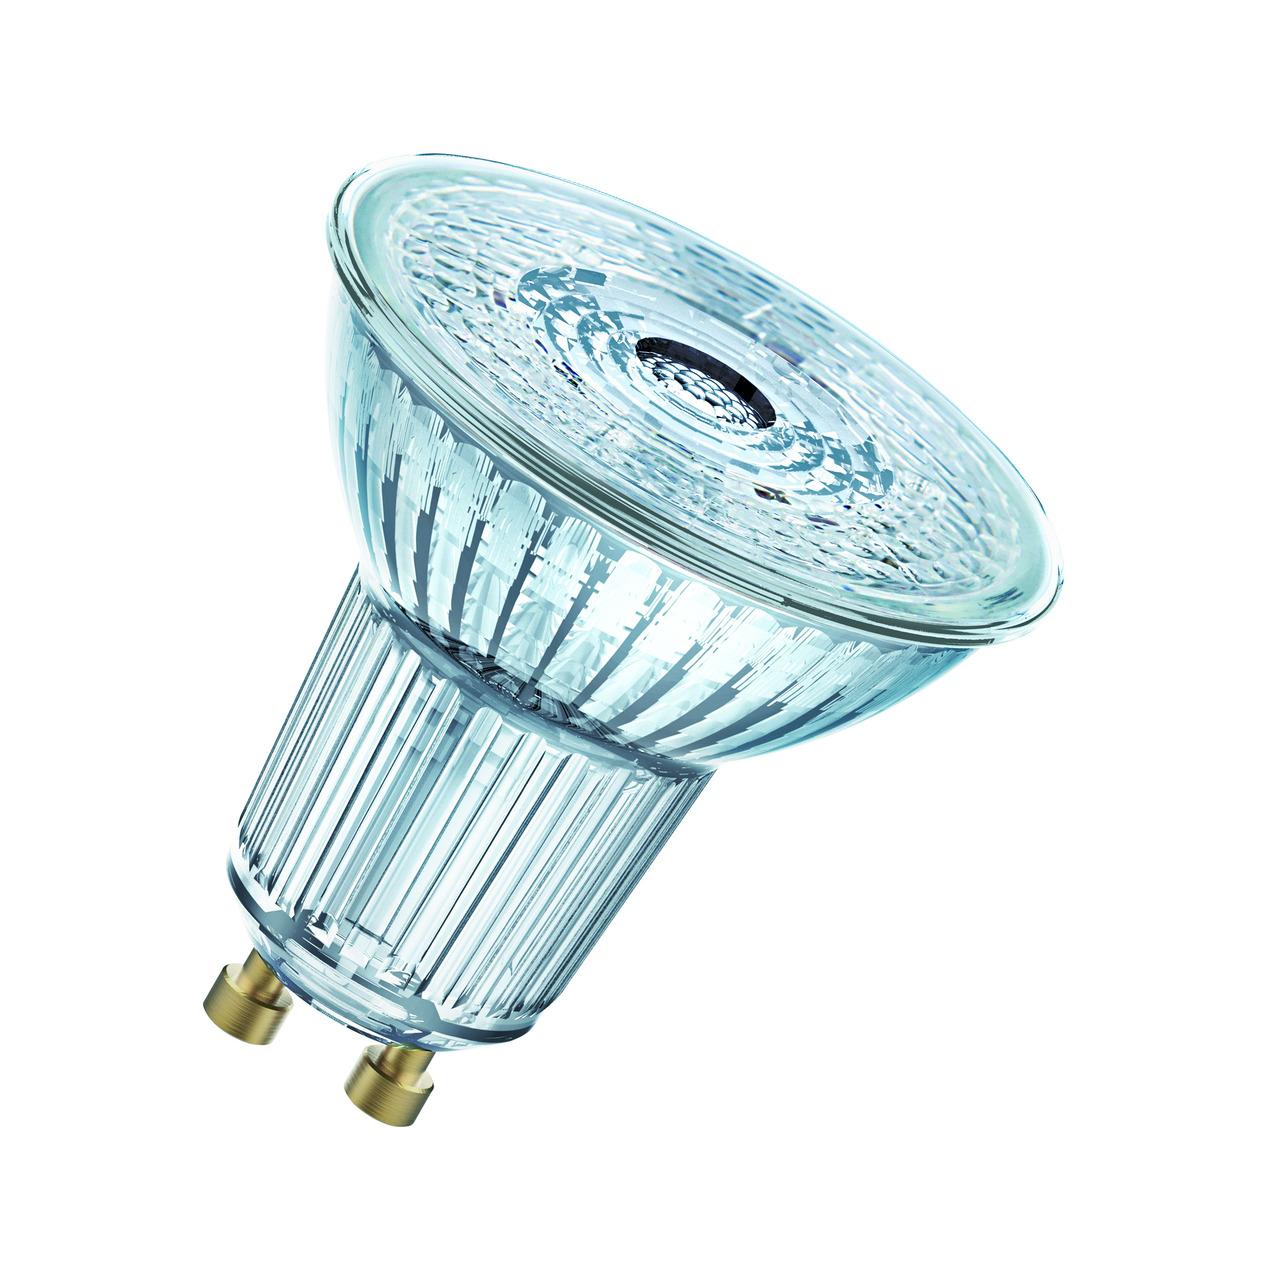 OSRAM 3er Set 4-3-W-LED-Lampe PAR51- GU10- 350 lm- warmweiss- 36-